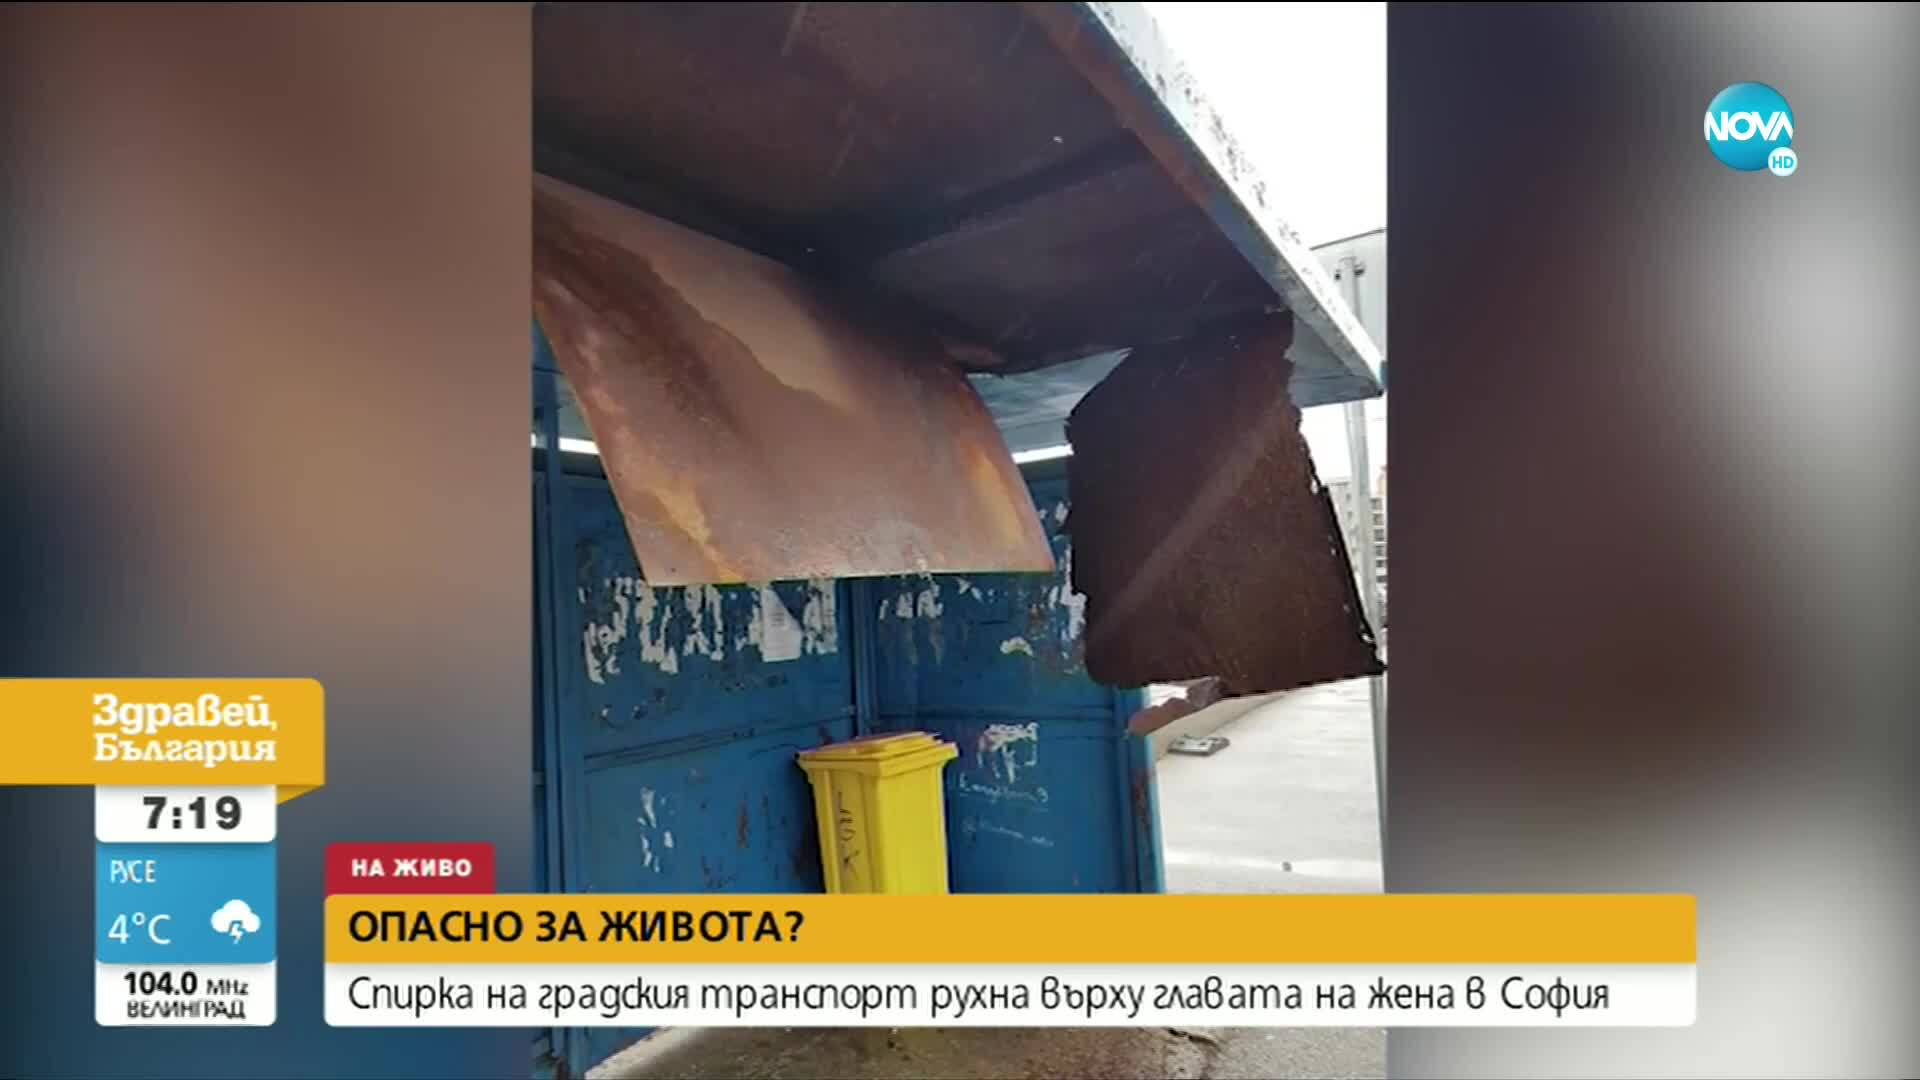 """ОТ """"МОЯТА НОВИНА"""": Спирка рухна върху главата на жена в София"""